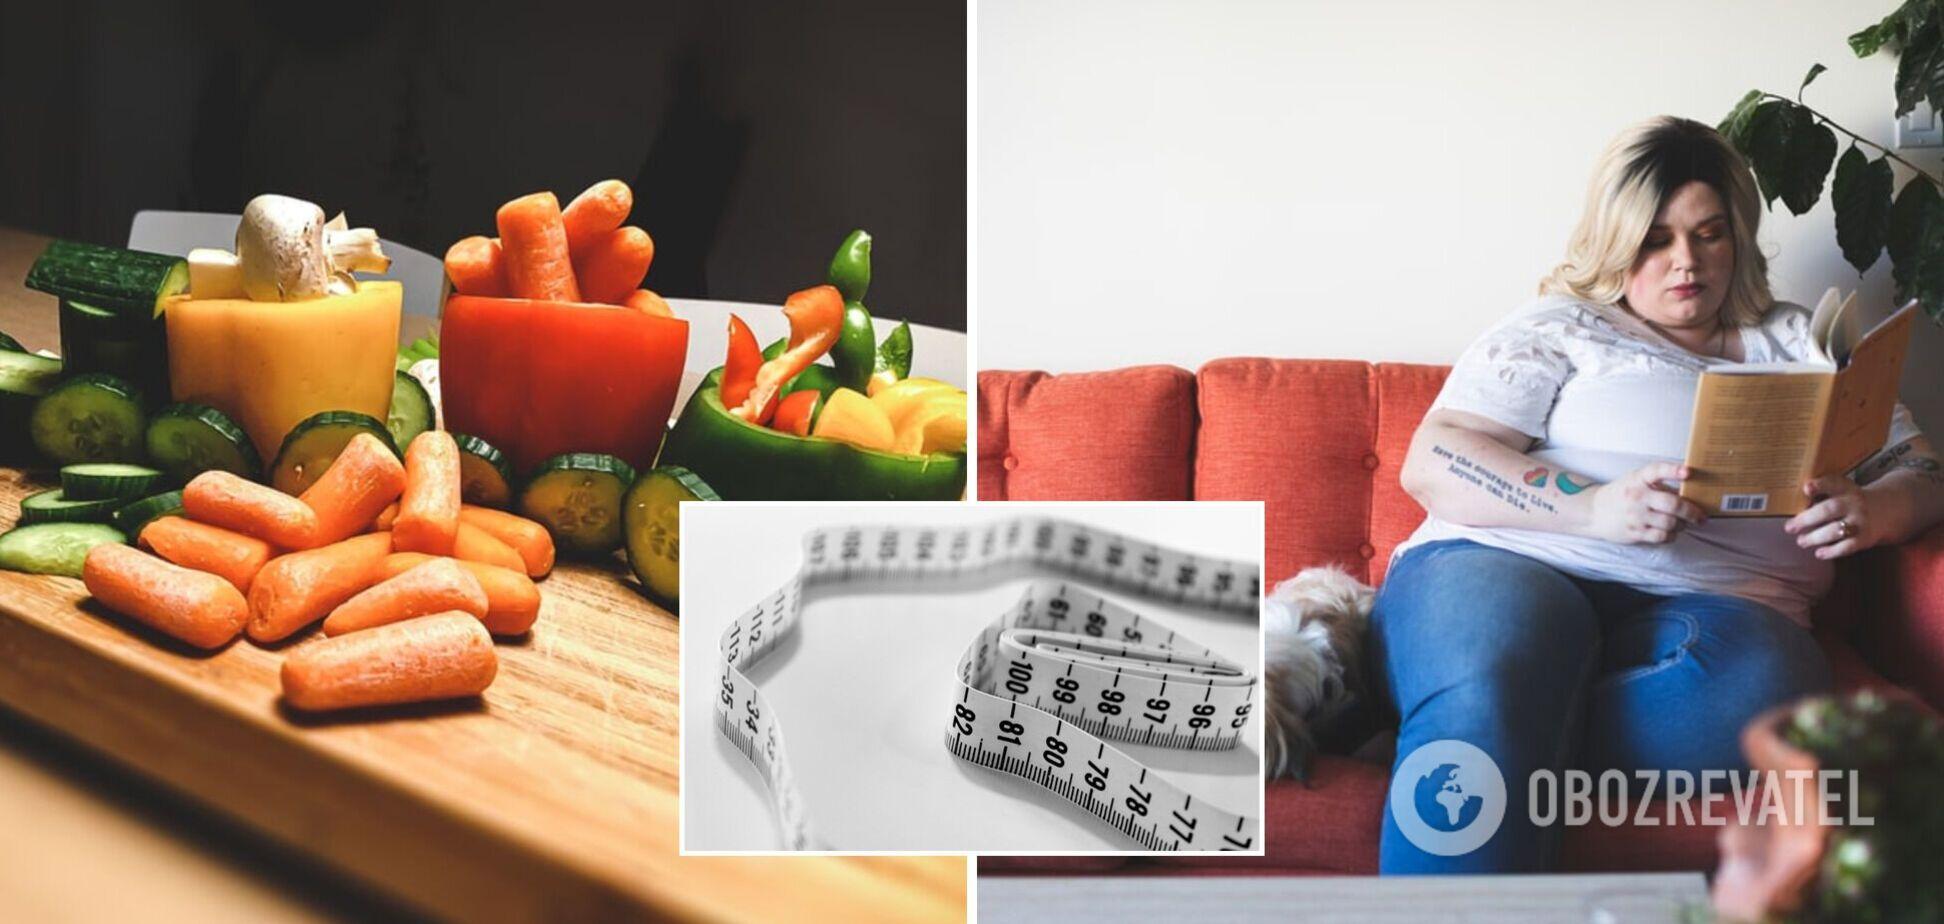 Чому дієта не допомагає схуднути: психолог вказала на важливий фактор